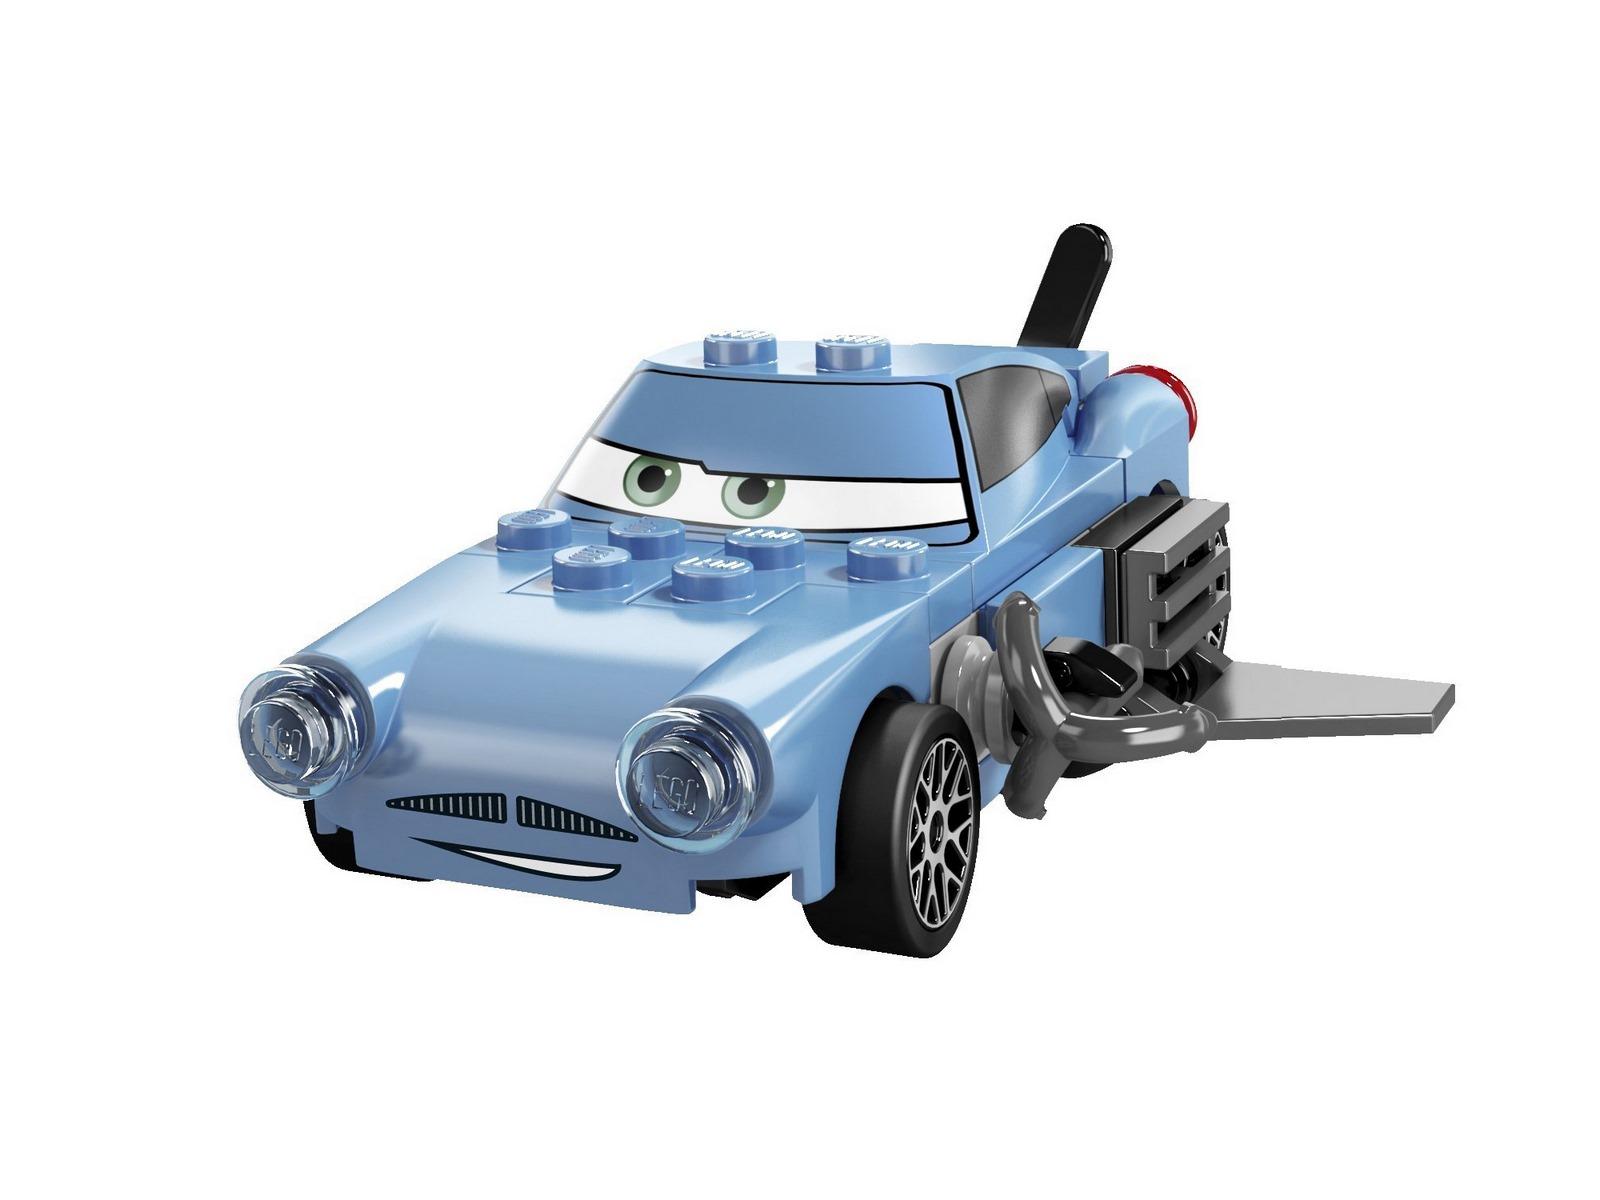 Конструктор Bl «Морской побег» 10011 (Cars 2 8426) 158 деталей